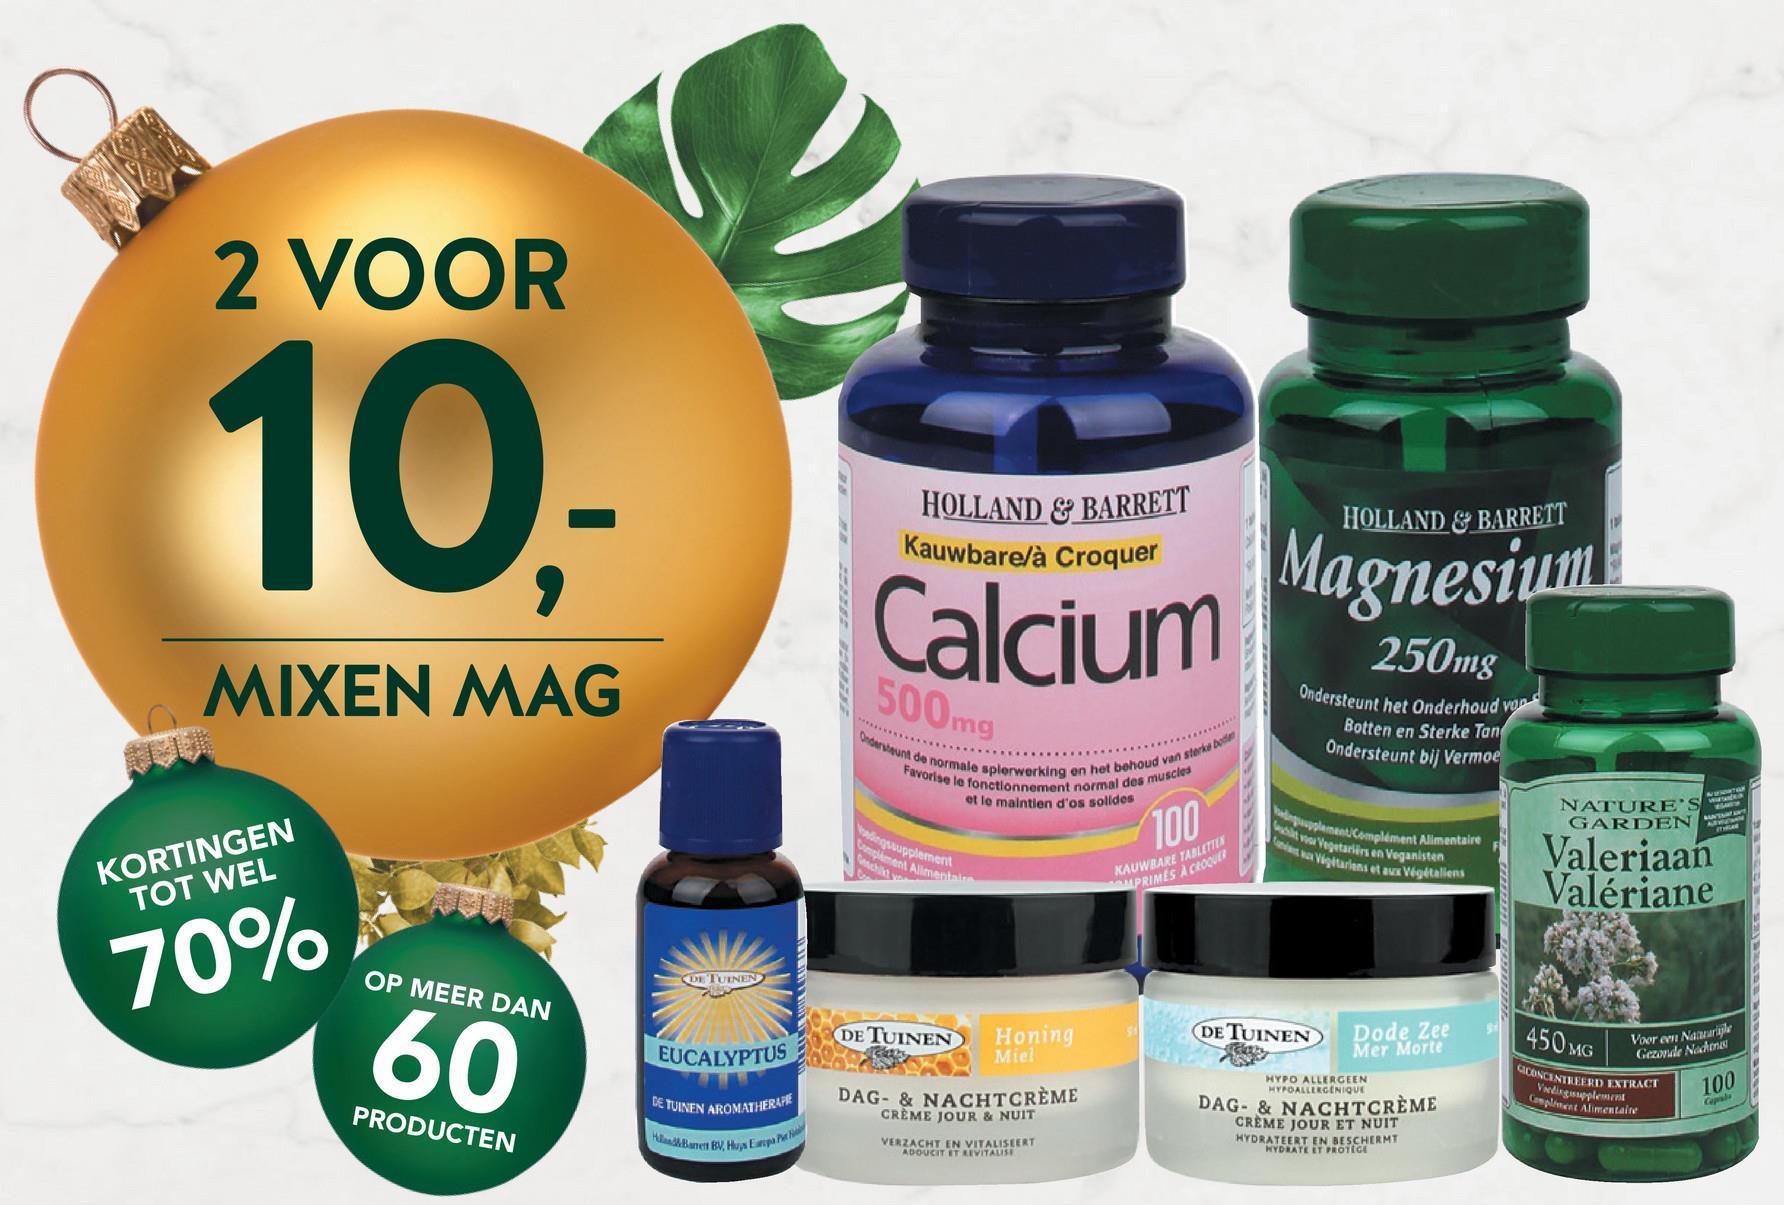 Holland & Barrett Calcium Citraat, 200mg (50 Tabletten) <ul> <li>Calcium is nodig voor de instandhouding van normale botten</li> <li>Geschikt voor vegetariërs en vegans</li> <li> Calcium ondersteunt de normale spierwerking</li> </ul>  Holland &amp; Barrett Calcium Citraat is een vorm van calcium, die goed door het lichaam wordt opgenomen. Een tablet bevat 200mg calcium en is geschikt voor zowel vegetariërs als veganisten.<br><br>  Calcium: <ul> <li>is nodig voor de instandhouding van normale botten en tanden</li> <li>draagt bij tot een normale bloedstolling</li> <li>activeert je natuurlijke energie in het lichaam</li> <li>draagt bij tot een normale werking van de spieren</li> <li>goed/van belang voor het zenuwstelsel</li> <li>speelt een rol bij de spijsvertering</li> <li>helpt bij celdelingsproces</li> </ul>